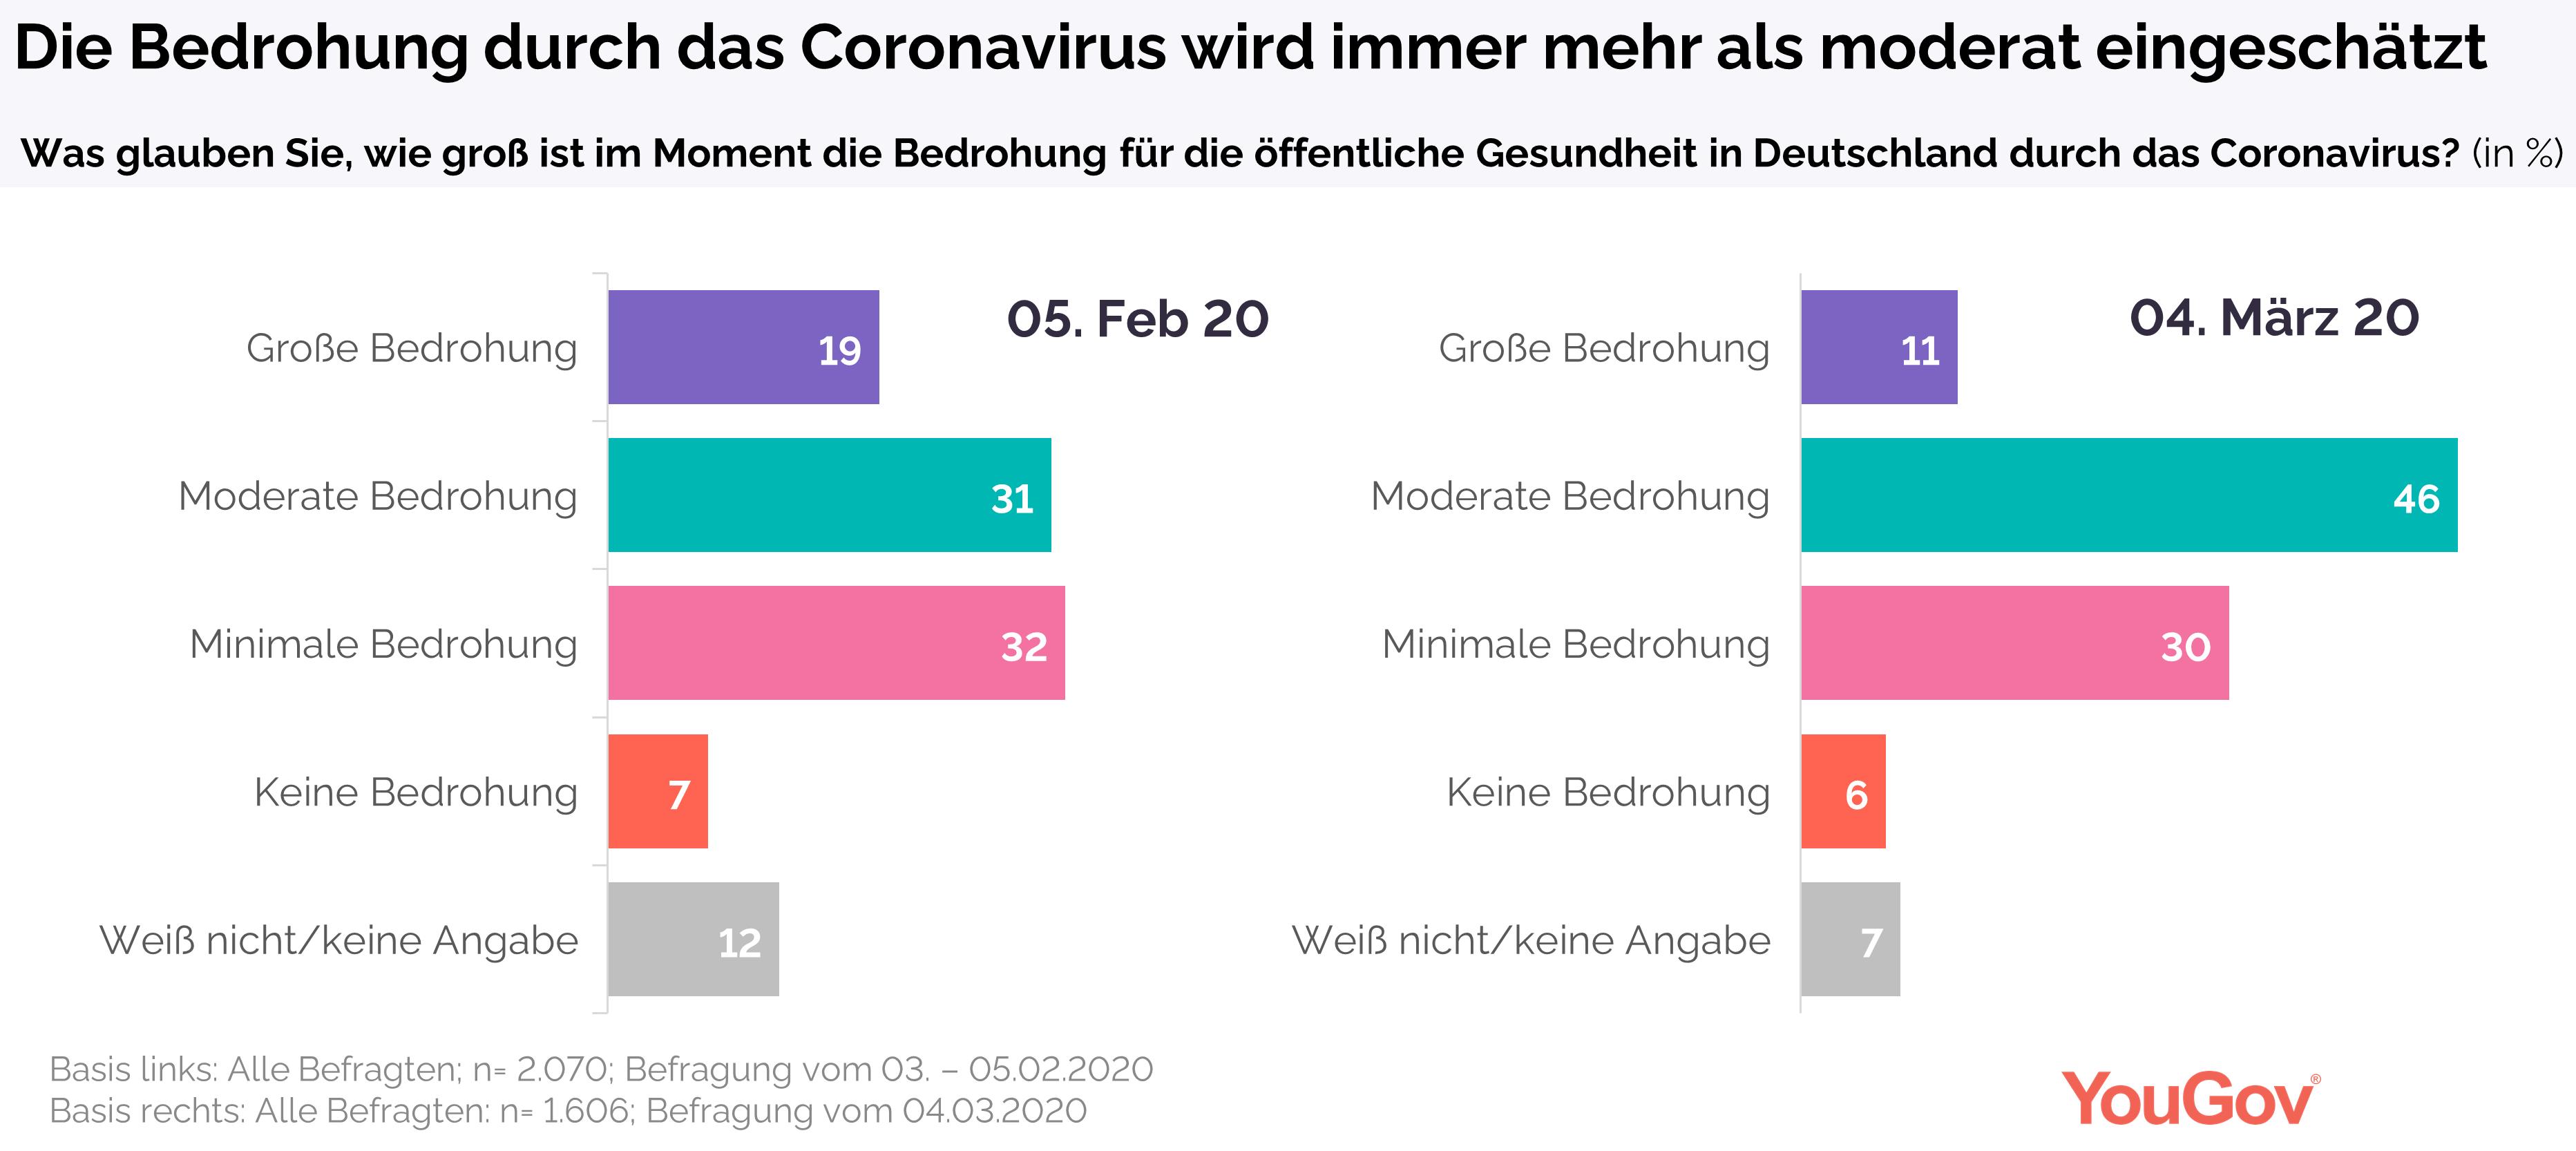 Vergleich der wahrgenommenen Bedrohung zwischen Anfang Februar und Anfang März 2020